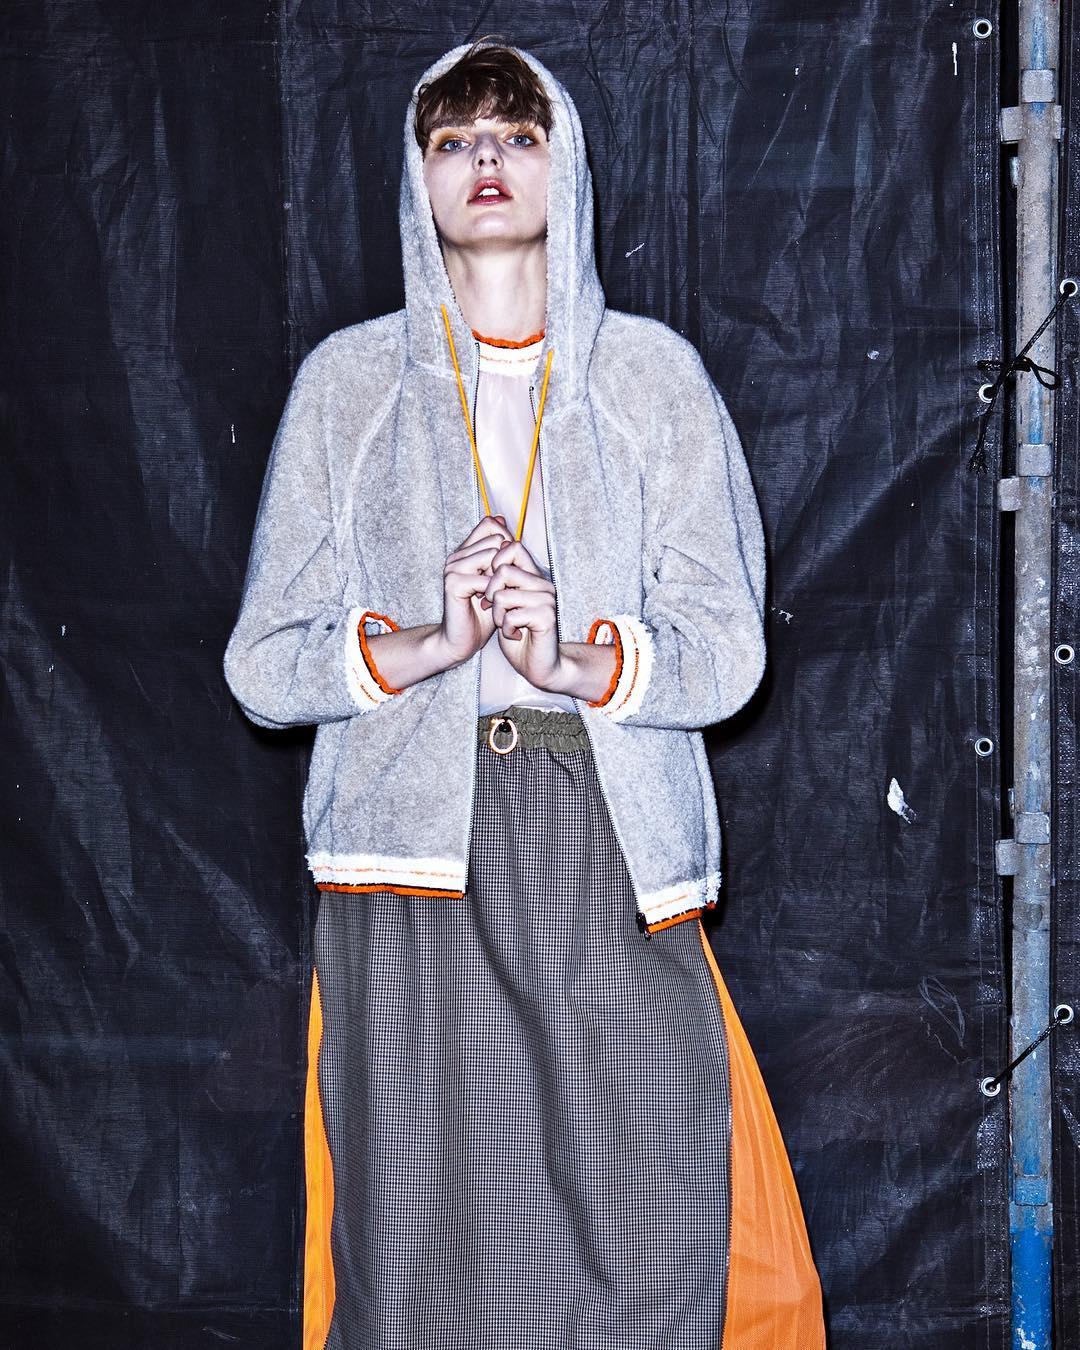 芸能人が王様のブランチで着用した衣装スカート